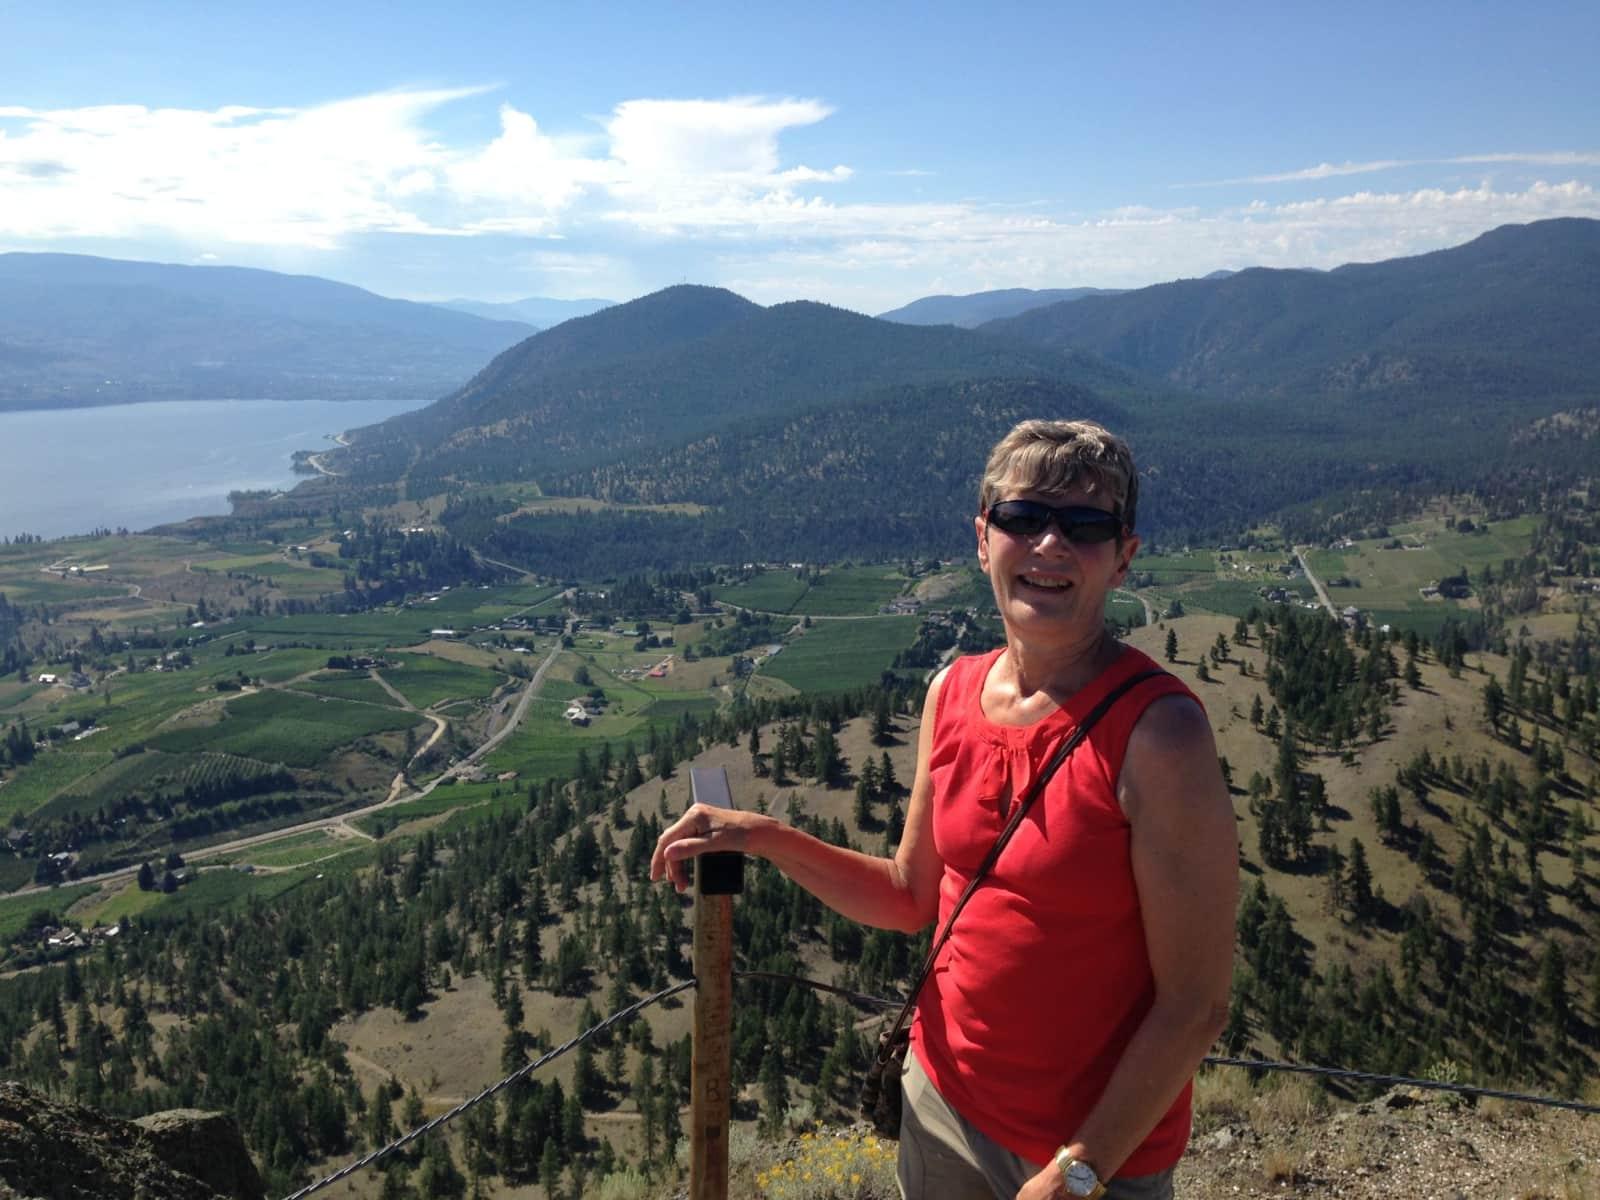 Rona from Calgary, Alberta, Canada